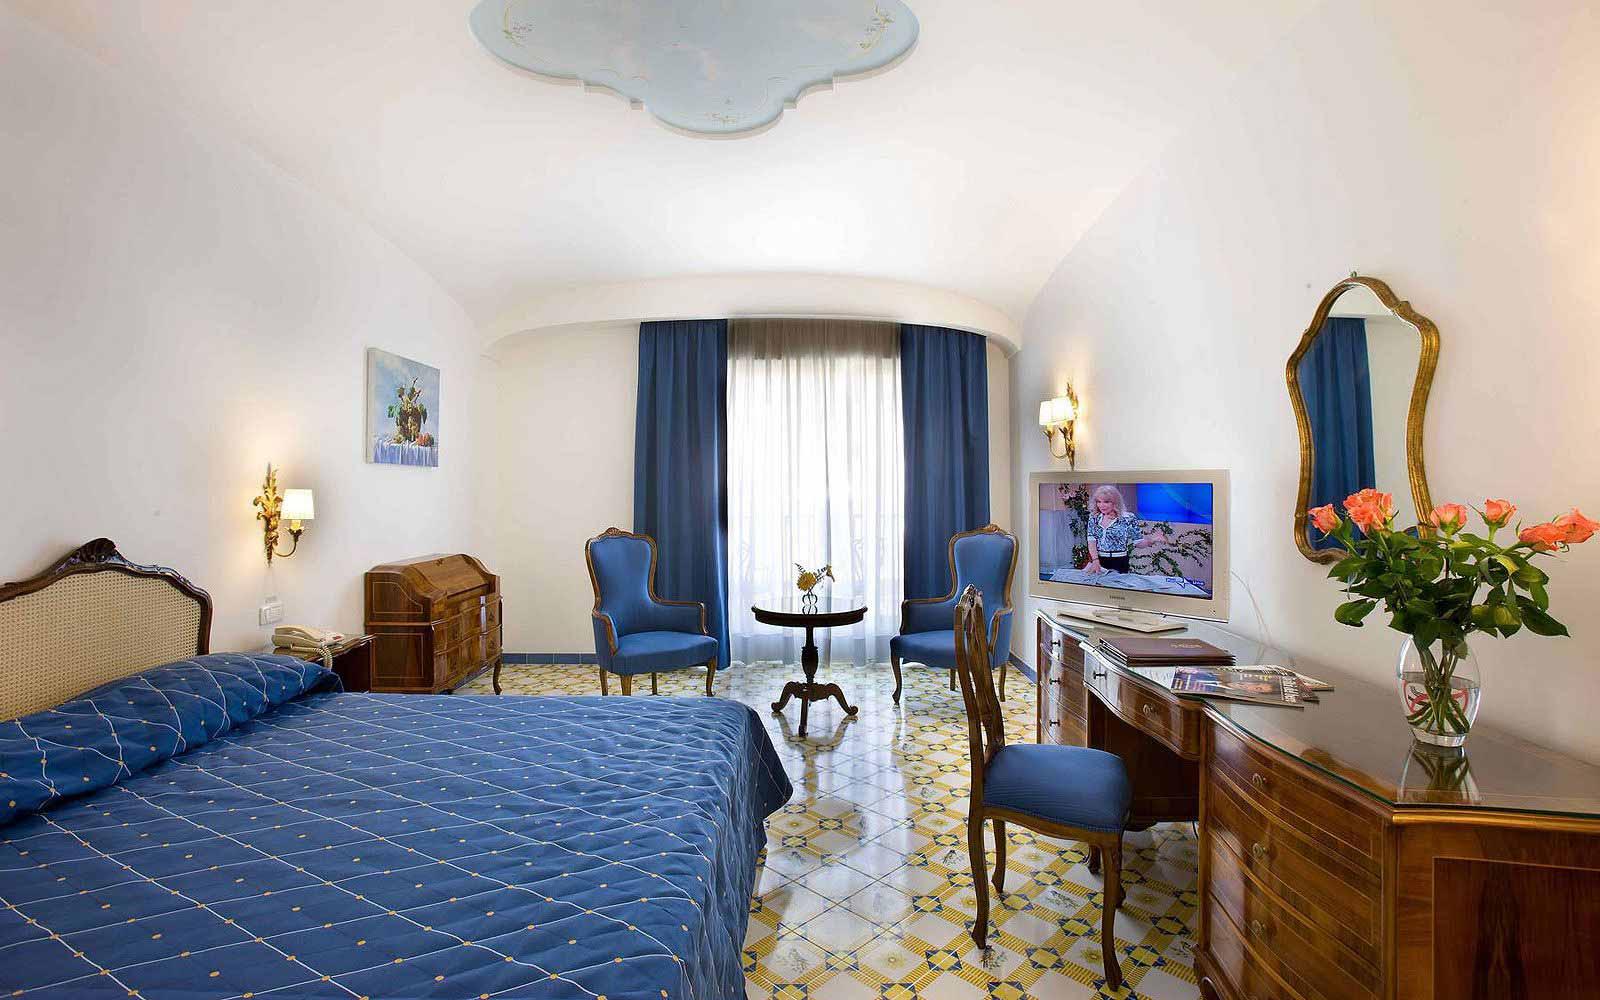 Deluxe Room at the Grand Hotel La Favorita